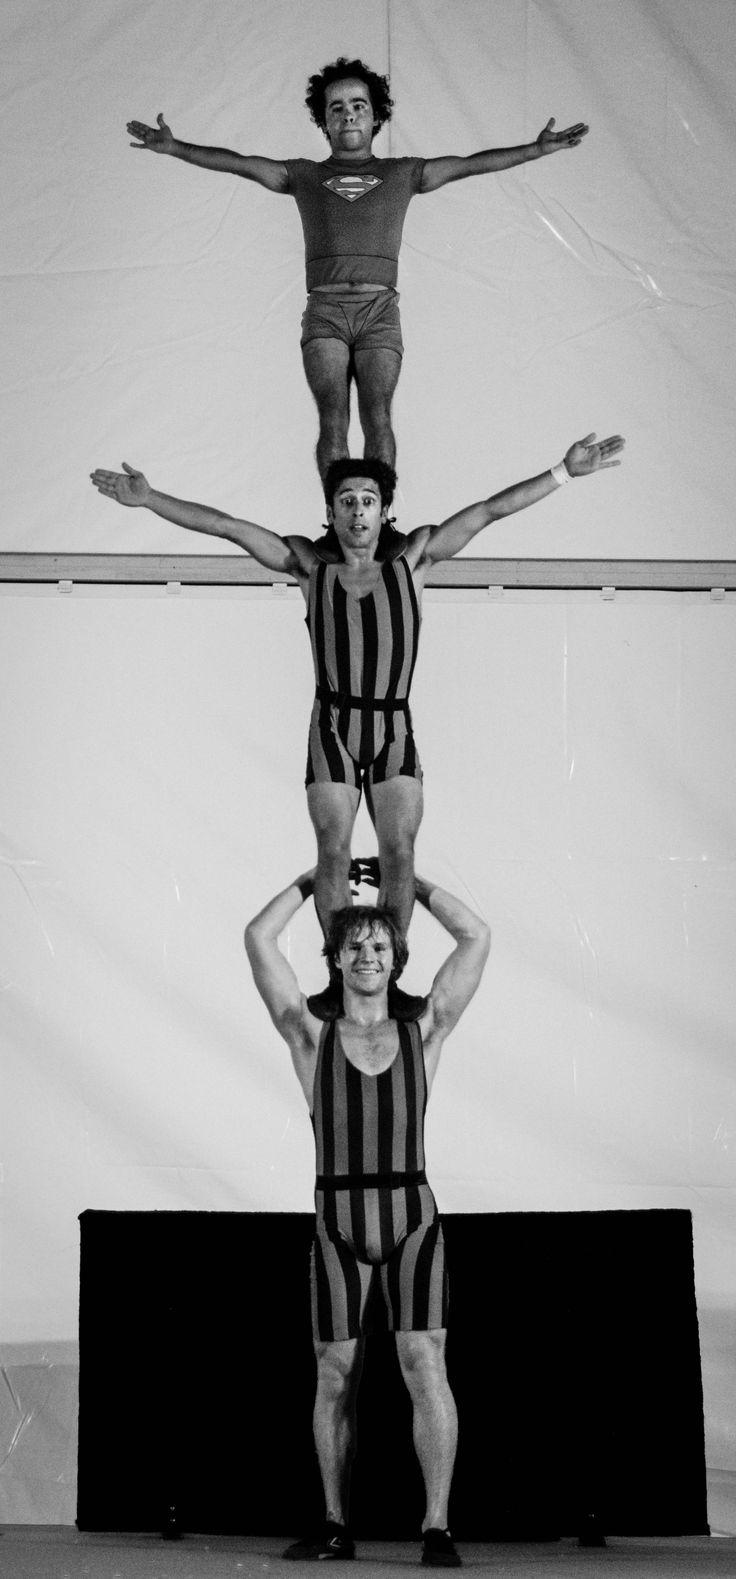 Heights - Mattress Circus (Regno Unito)